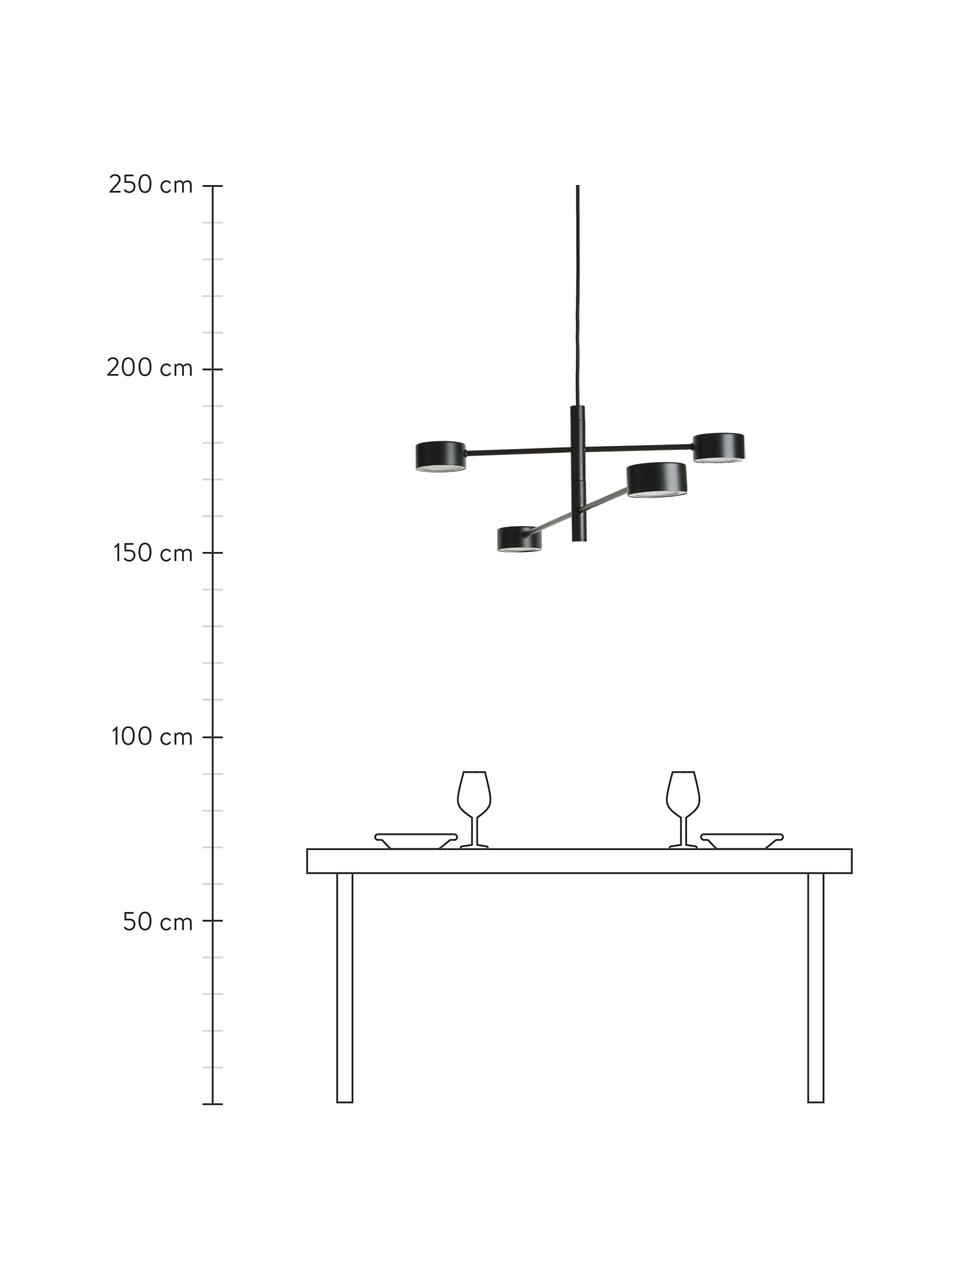 Grote dimbare LED hanglamp Clyde, Lampenkap: gecoat metaal, Baldakijn: gecoat metaal, Zwart, 90 x 22 cm